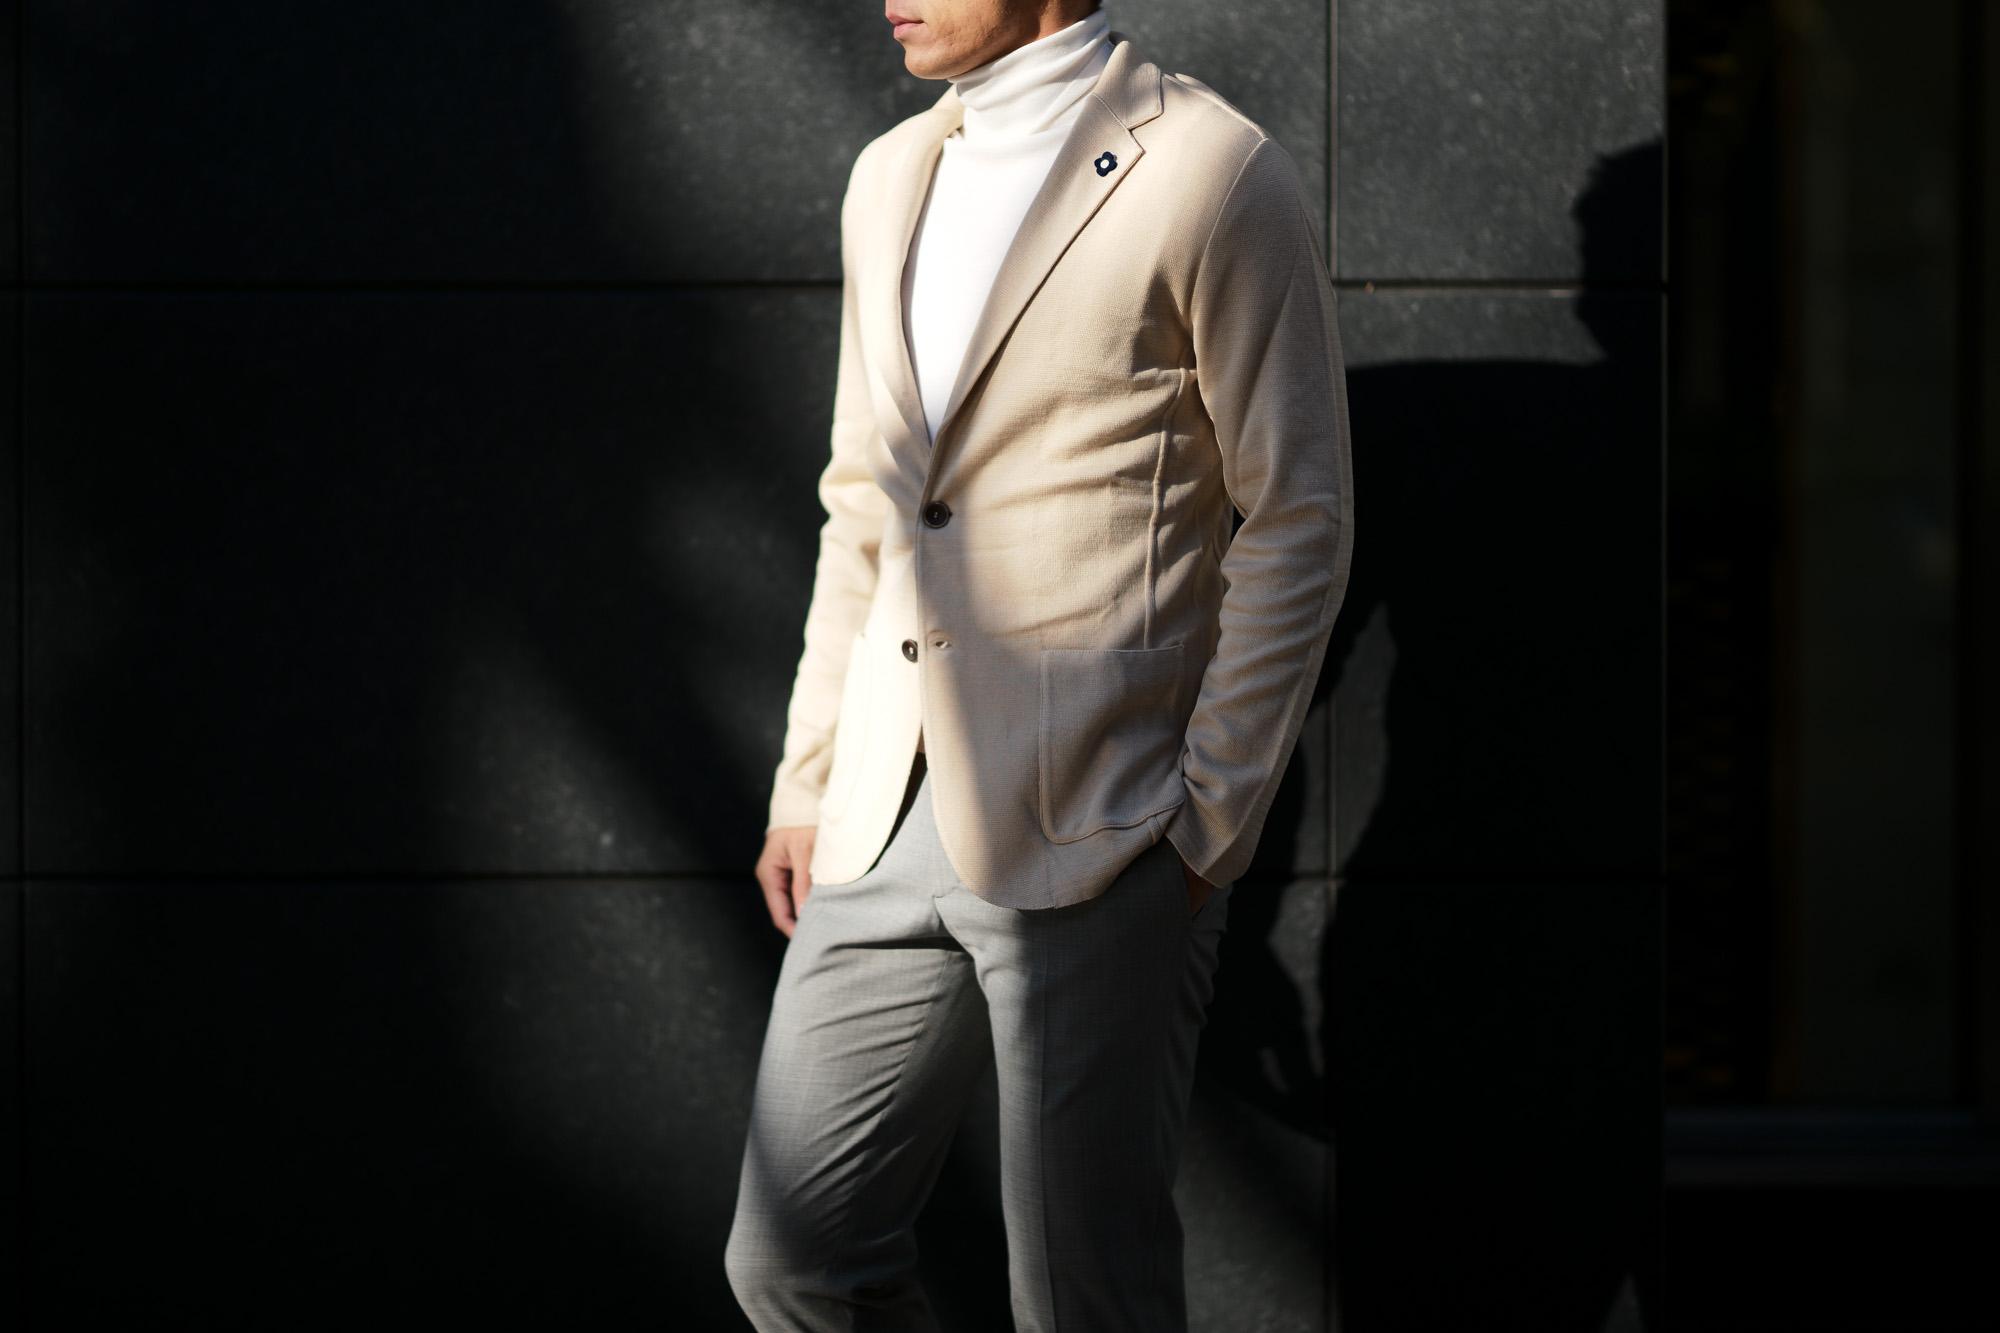 LARDINI (ラルディーニ) Milano Rib Knit Jacket (ミラノリブ ニット ジャケット) コットン ミラノリブ 2B ニットジャケット BEIGE(ベージュ・200) Made in italy (イタリア製) 2019 春夏新作 愛知 名古屋 alto e diritto アルトエデリット スーツ